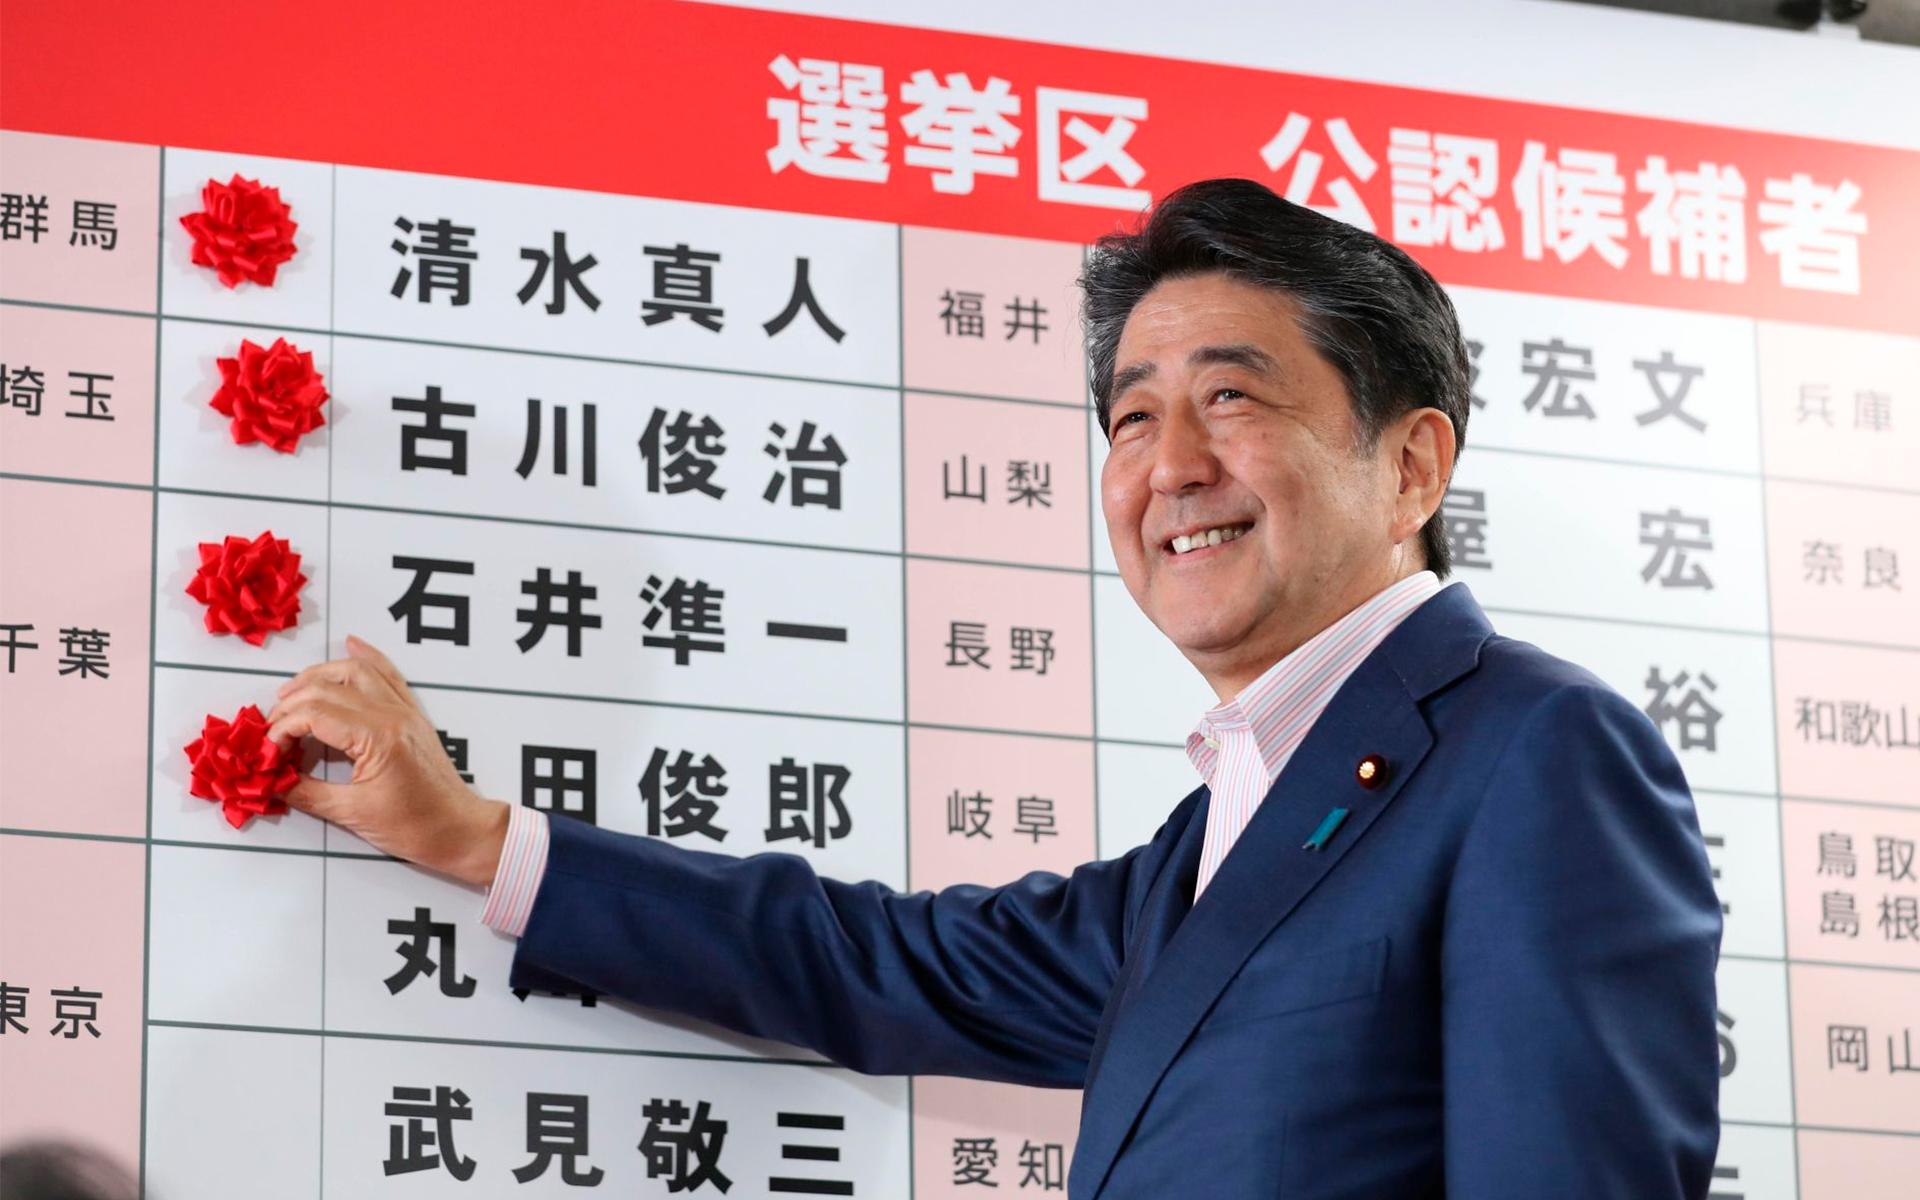 Япония: возможные преемники Синдзо Абэ и их позиция по внешней и внутренней политике